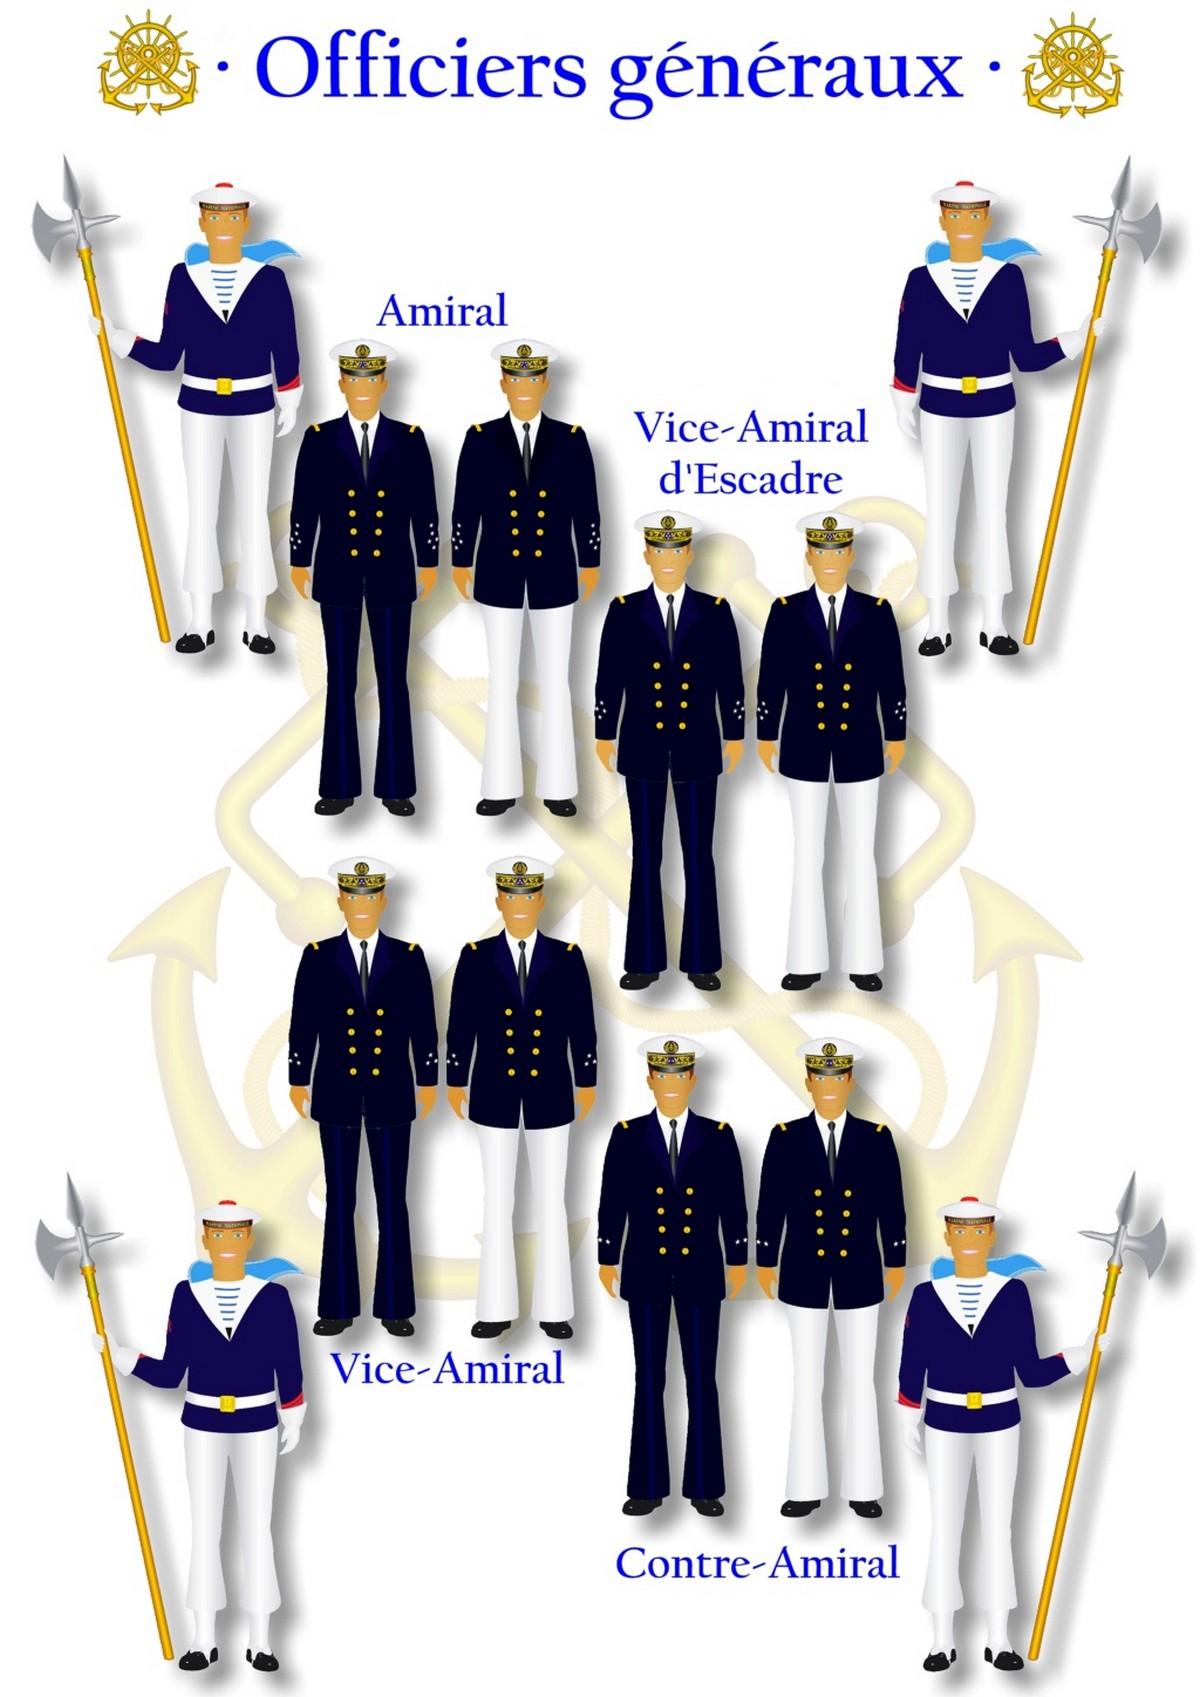 [LES TRADITIONS DANS LA MARINE] Planches dessins des grades et uniformes 1164